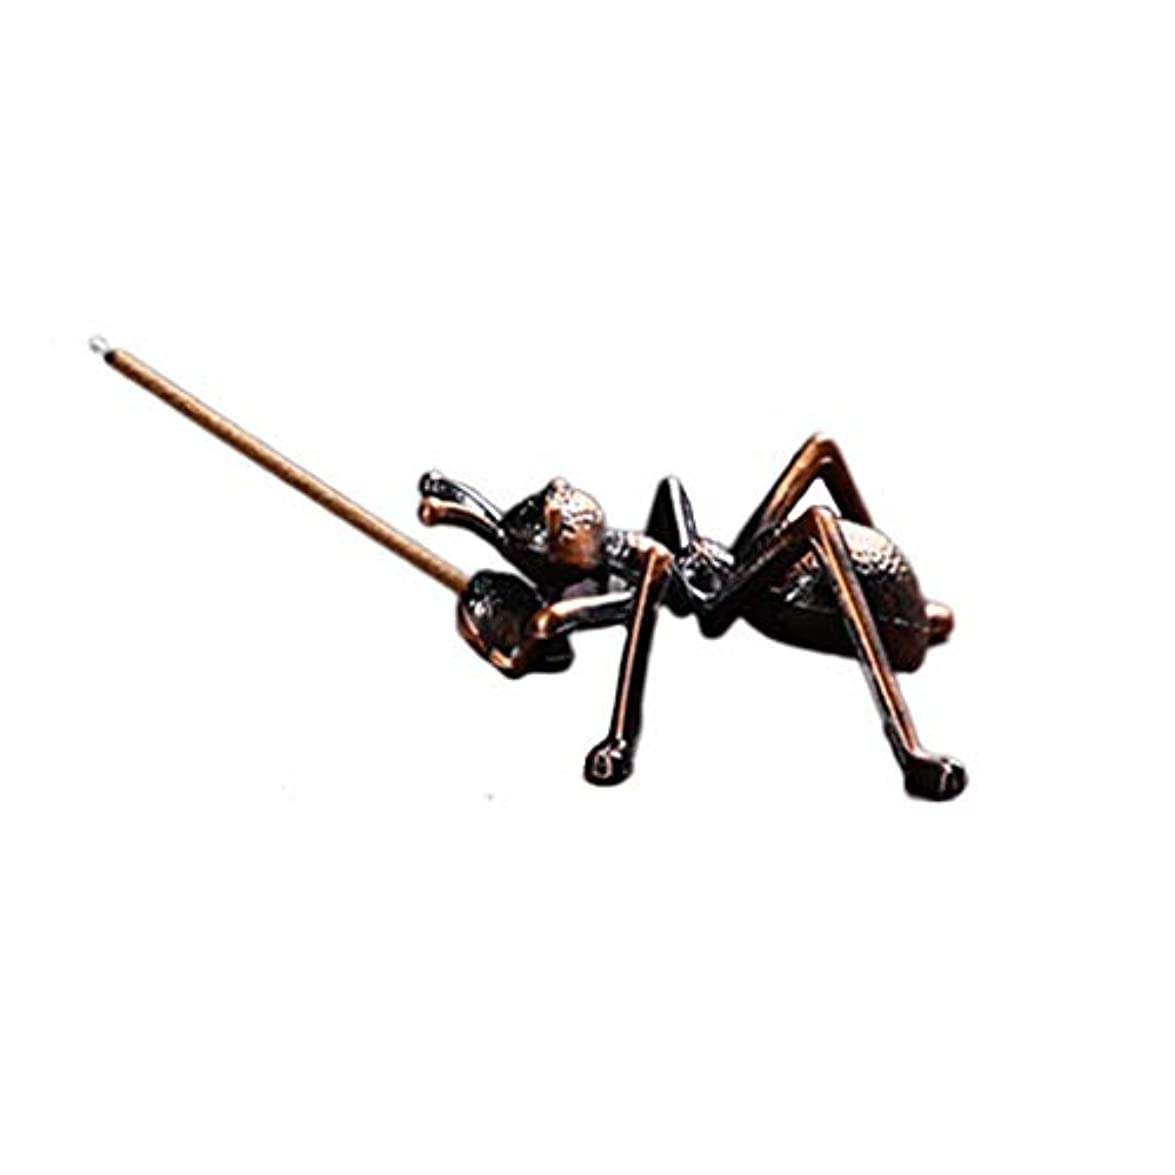 火山学眠り男性芳香器?アロマバーナー 1ピース5×2.2センチミニ合金アリ香バーナー挿入された小さな茶屋アクセサリーブティックスティックホルダー家の装飾 芳香器?アロマバーナー